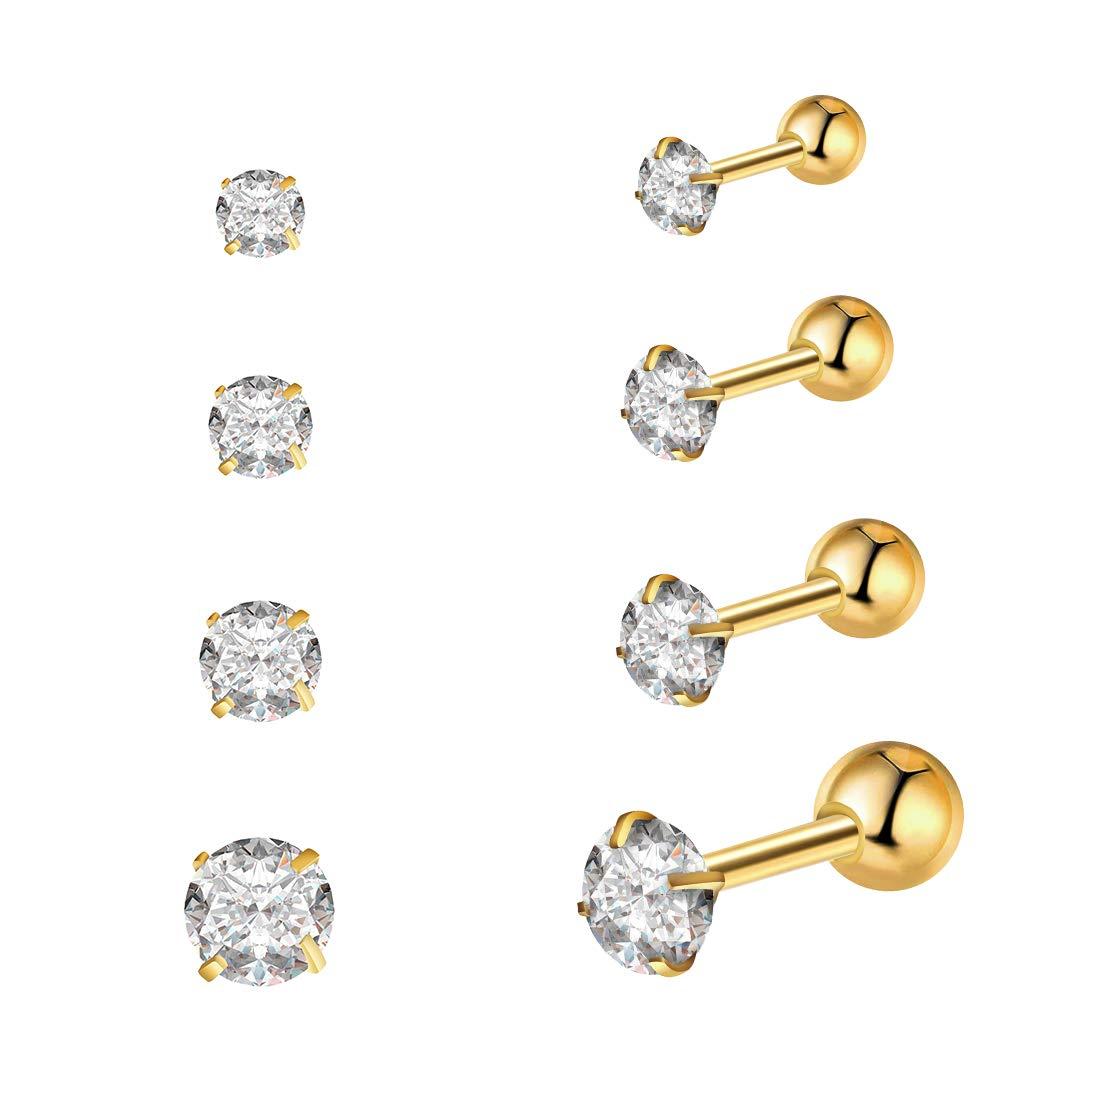 8pcs Earrings Stud Sets with Shining Cubic Zirconia, 16G Surgical Steel Helix Monroe Ear Cartilage Earrings Piercing Jewelry, 2mm-5mm, Silver Gold VELABOOM